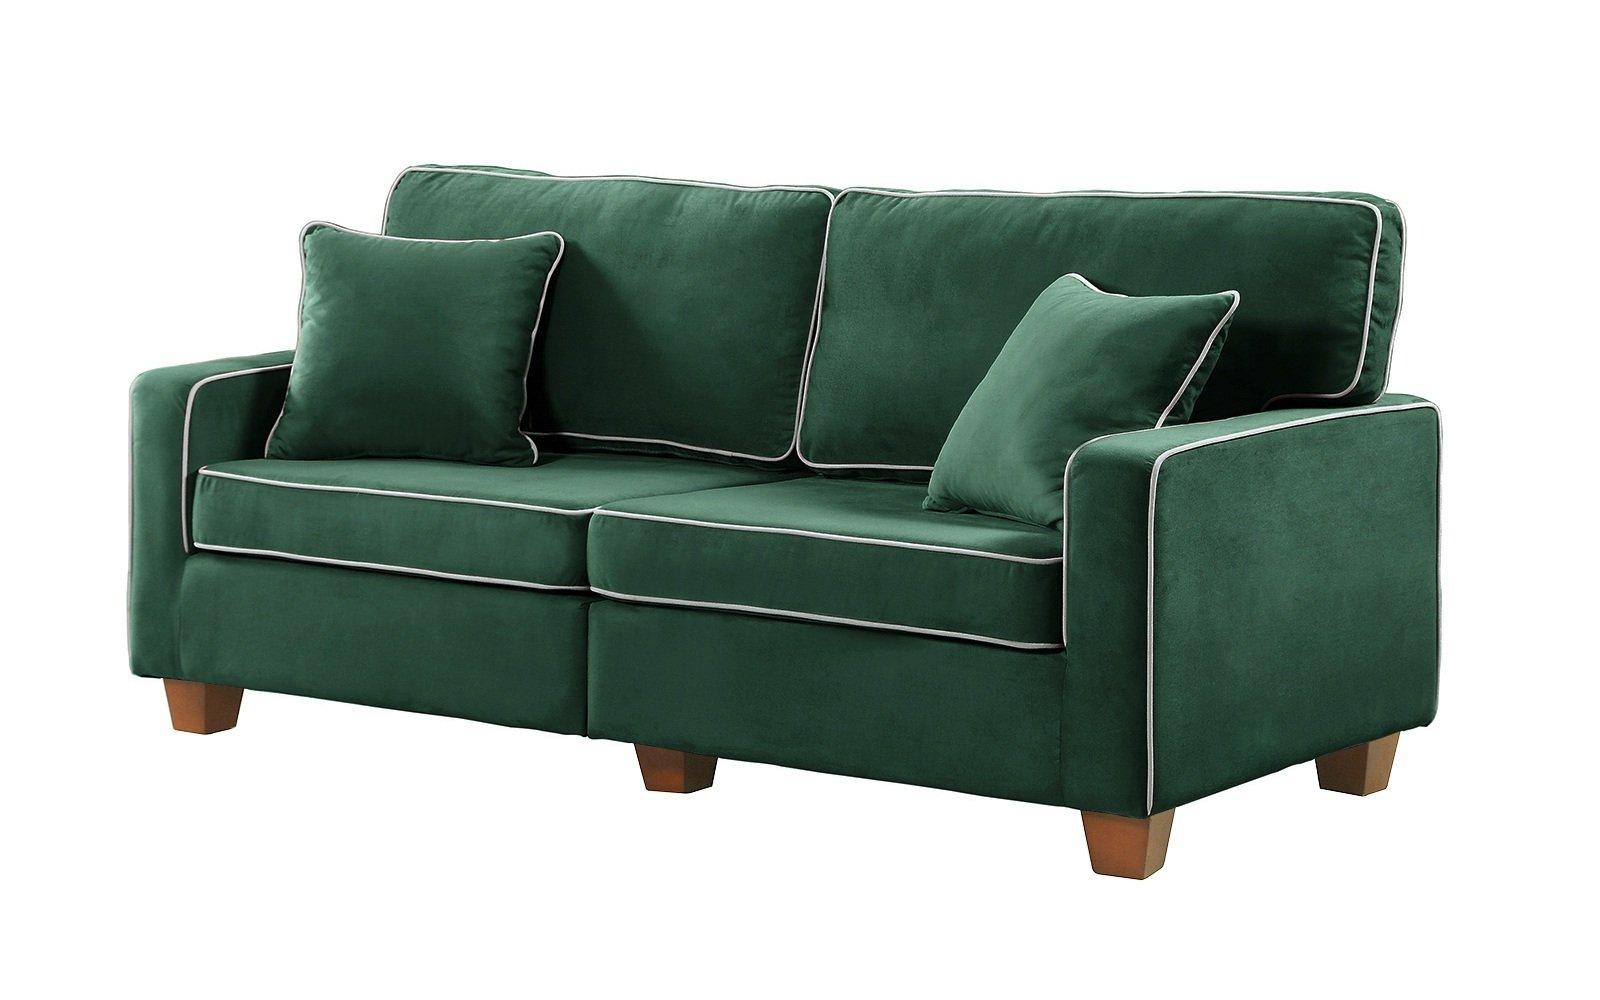 Modern two tone velvet fabric living room love seat sofa green